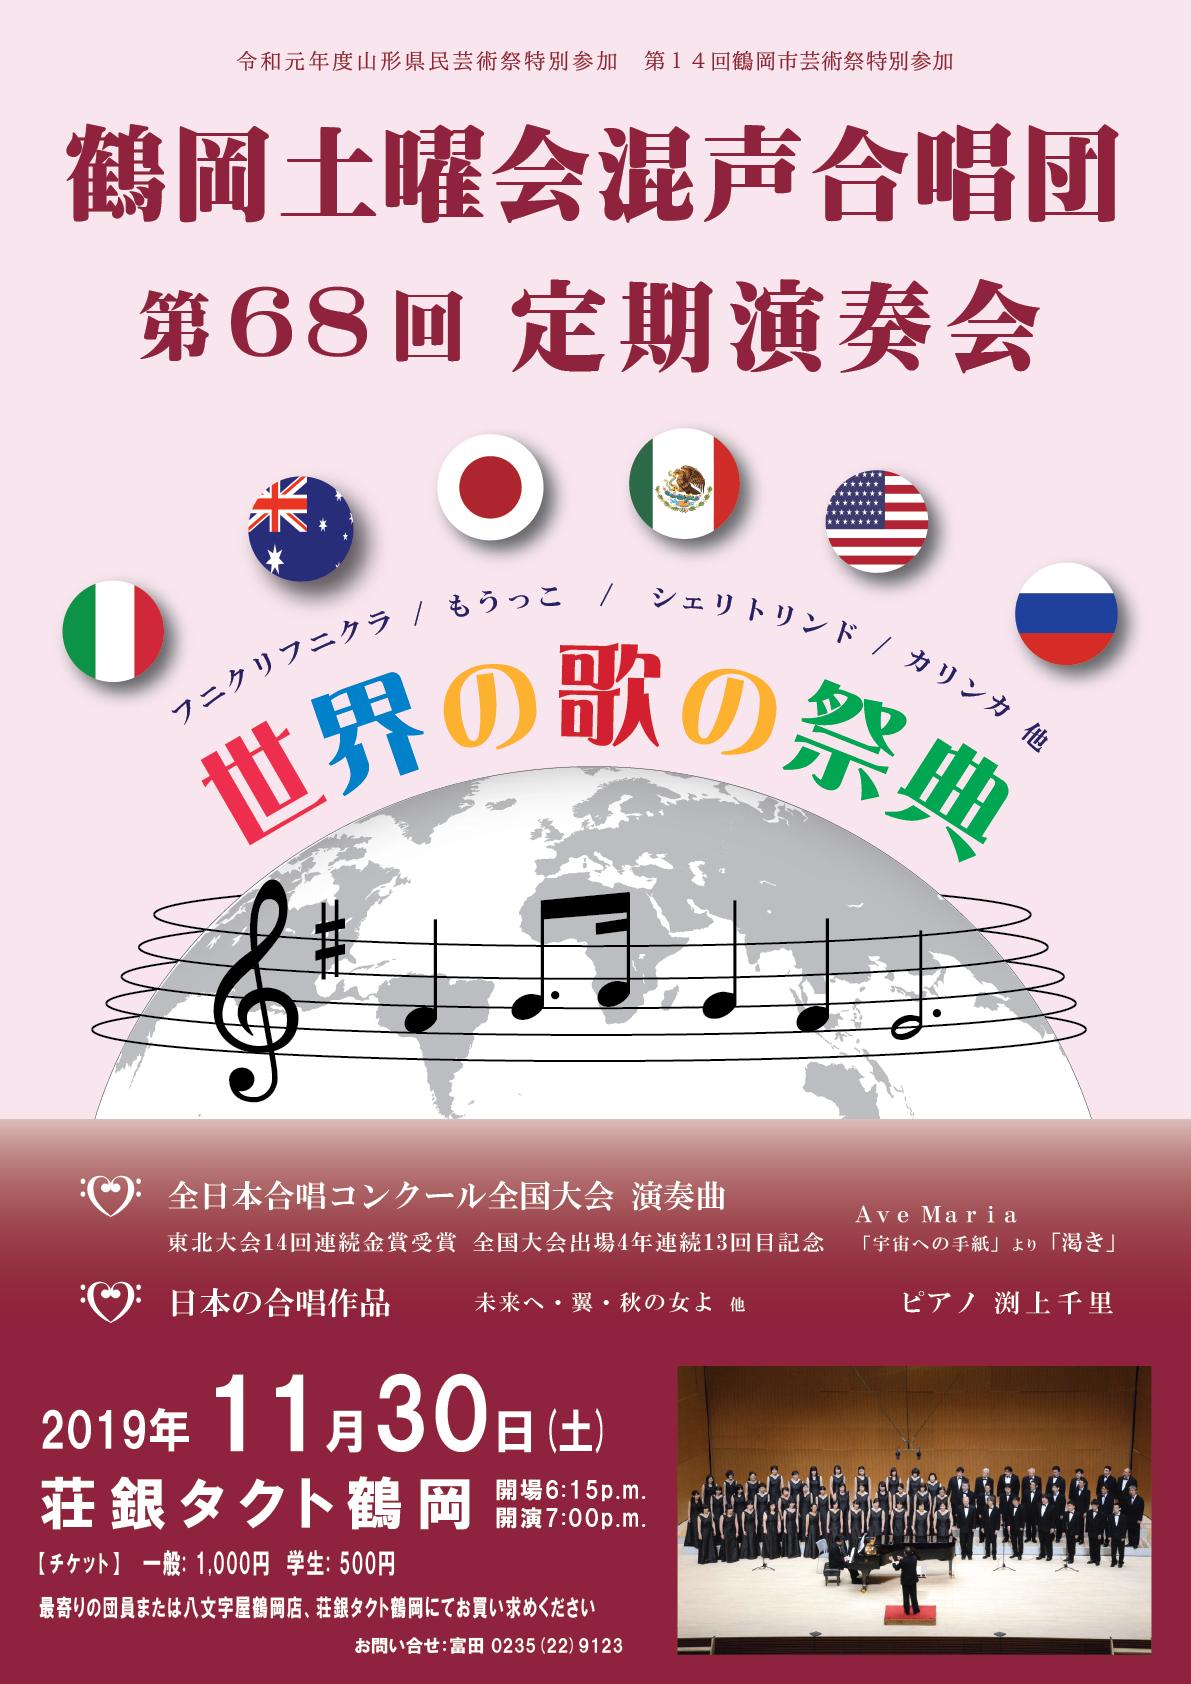 鶴岡土曜会混声合唱団<br>第68回定期演奏会